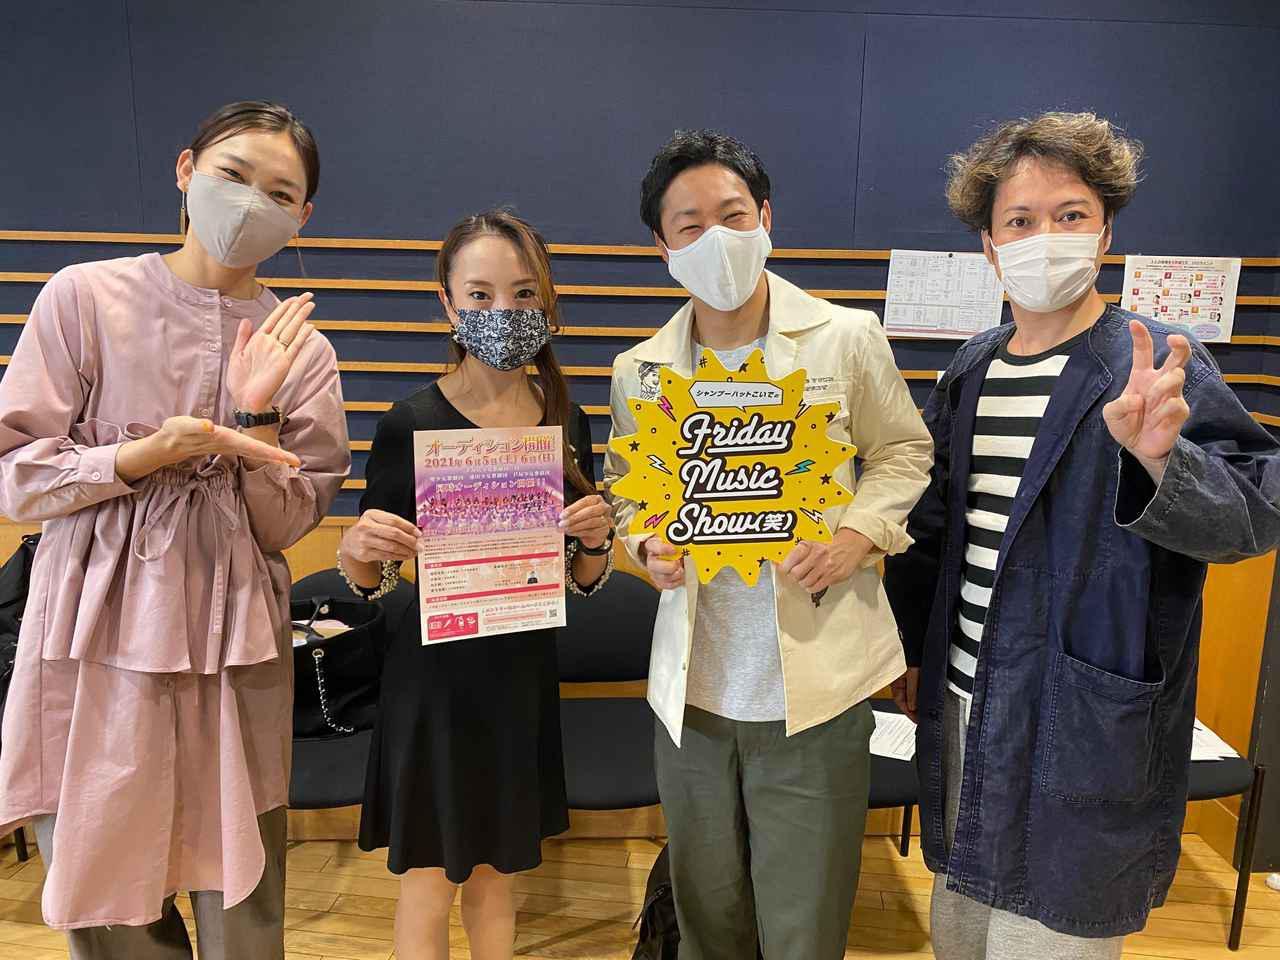 画像: 5月28日(金)シャンプーハットこいでのFriday Music Show(笑)